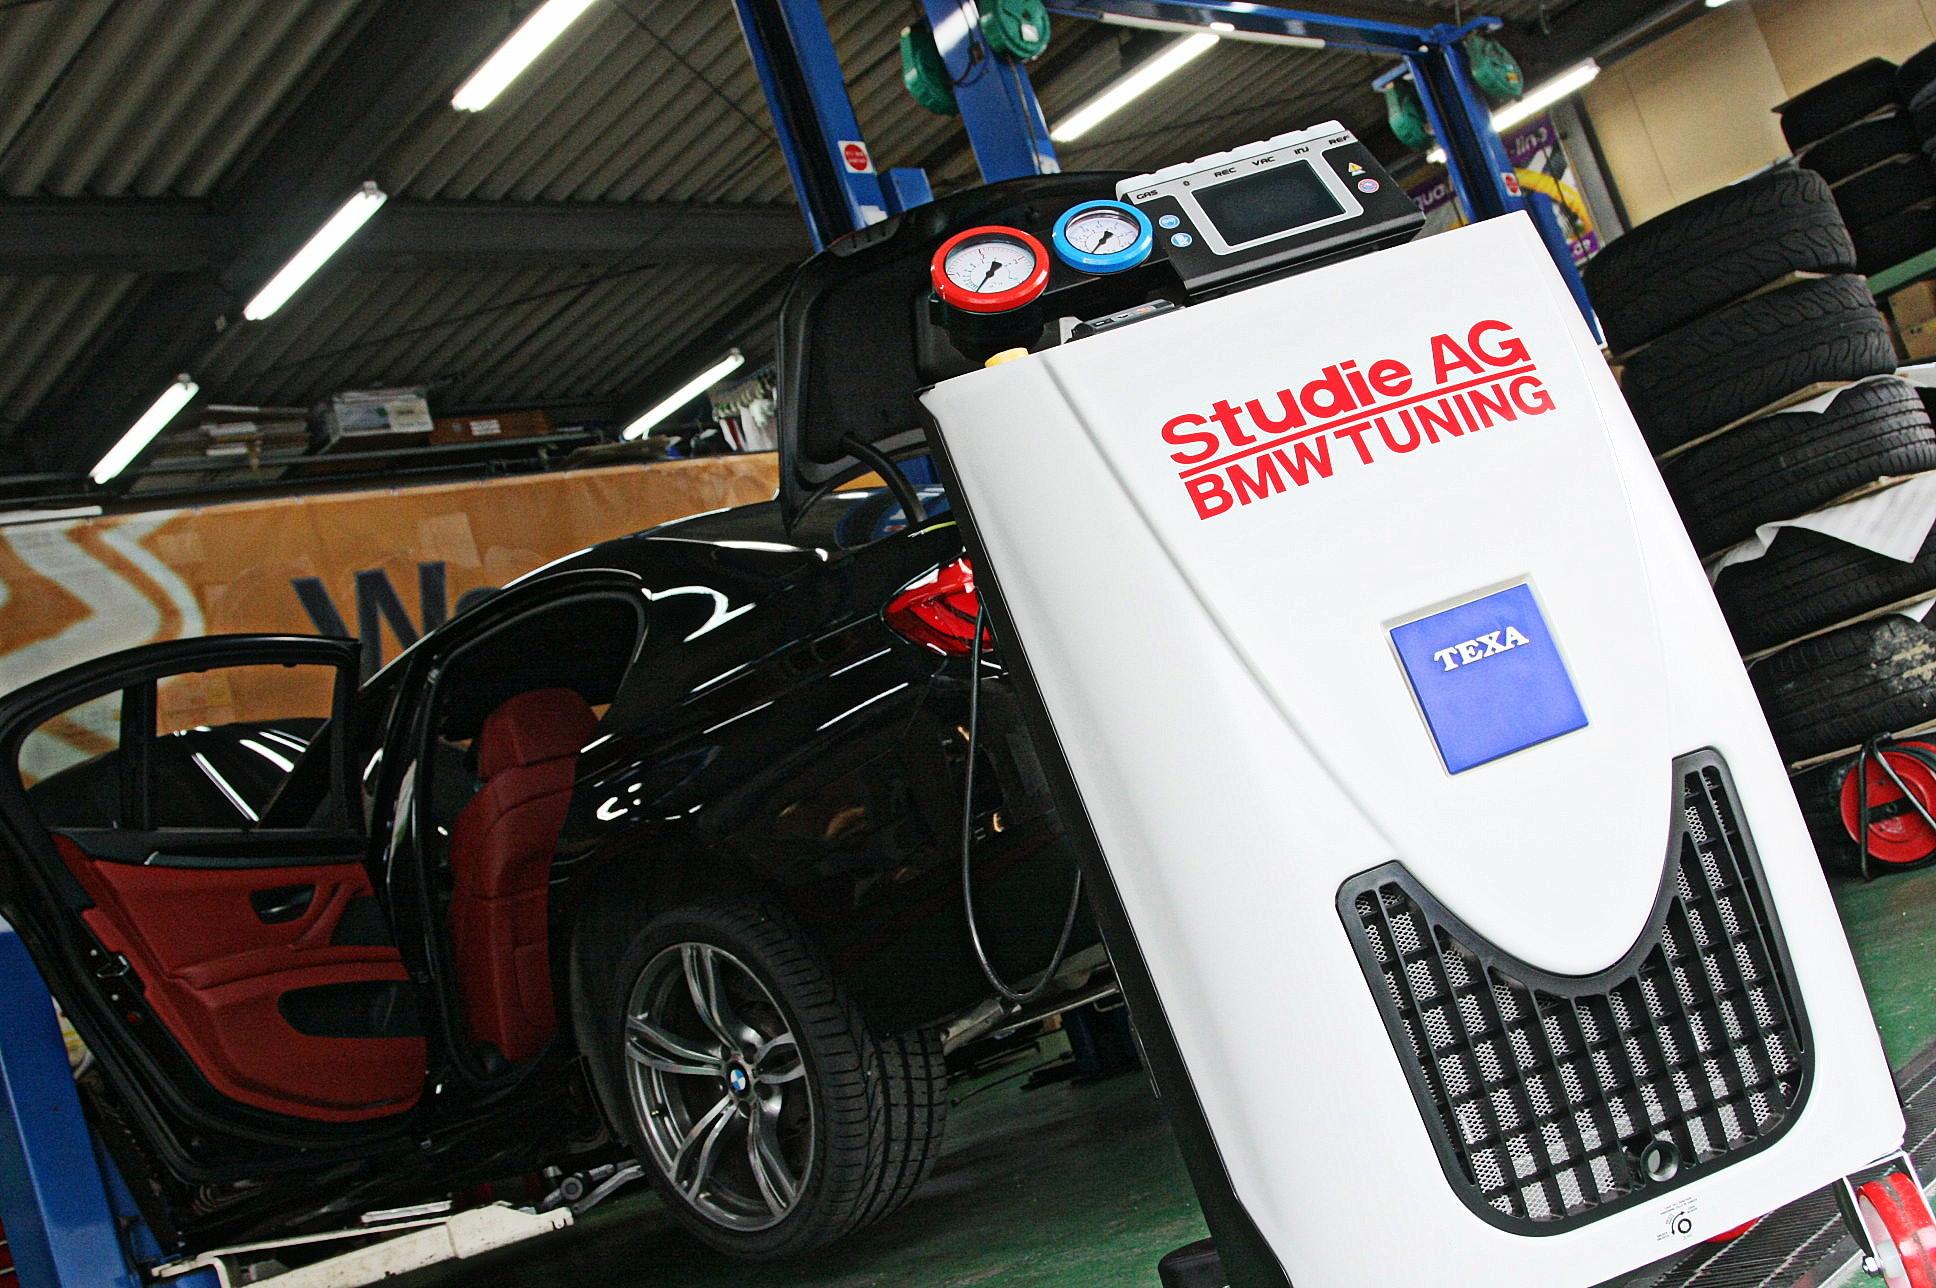 神戸店長原田ブログ!BMW専門店Studie(スタディ)では、BMW全てのシリーズのカスタマイズ、ドレスアップ、車検、点検、オイル交換、タイヤ交換、BMWに関わる事はなんでもご利用頂けるBMW専門ショップです。